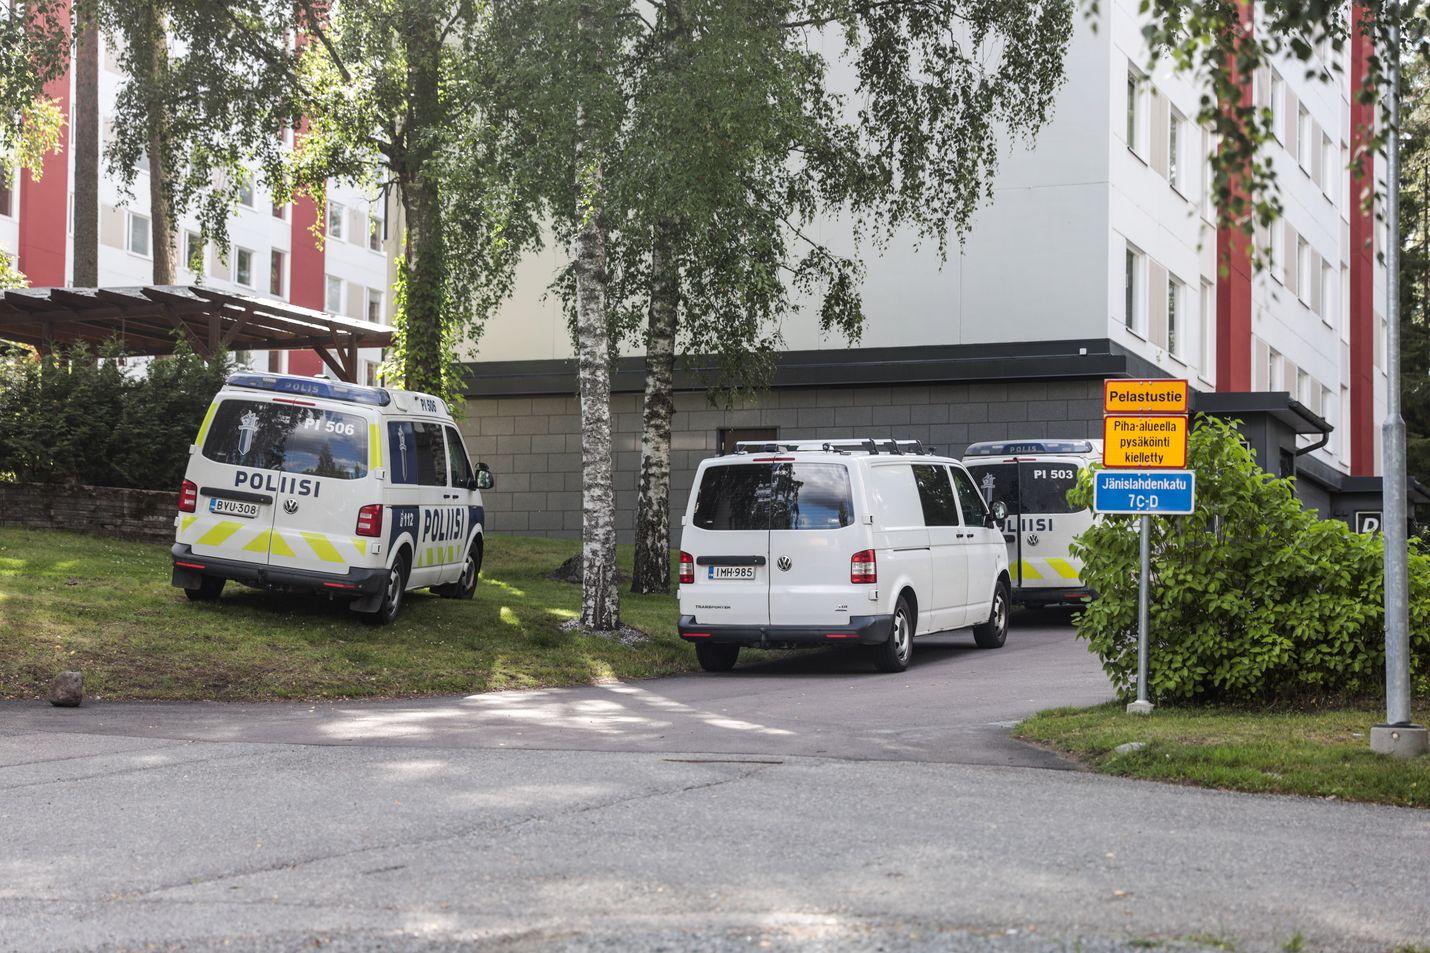 Poliisin hälytystehtävät lisääntyivät merkittävästi tammi-syyskuun aikana viime vuoteen verrattuna. Yleisten paikkojen sijaan ne suuntautuvat nyt koteihin. Kuvassa poliisitehtävä Tampereella viime elokuussa.